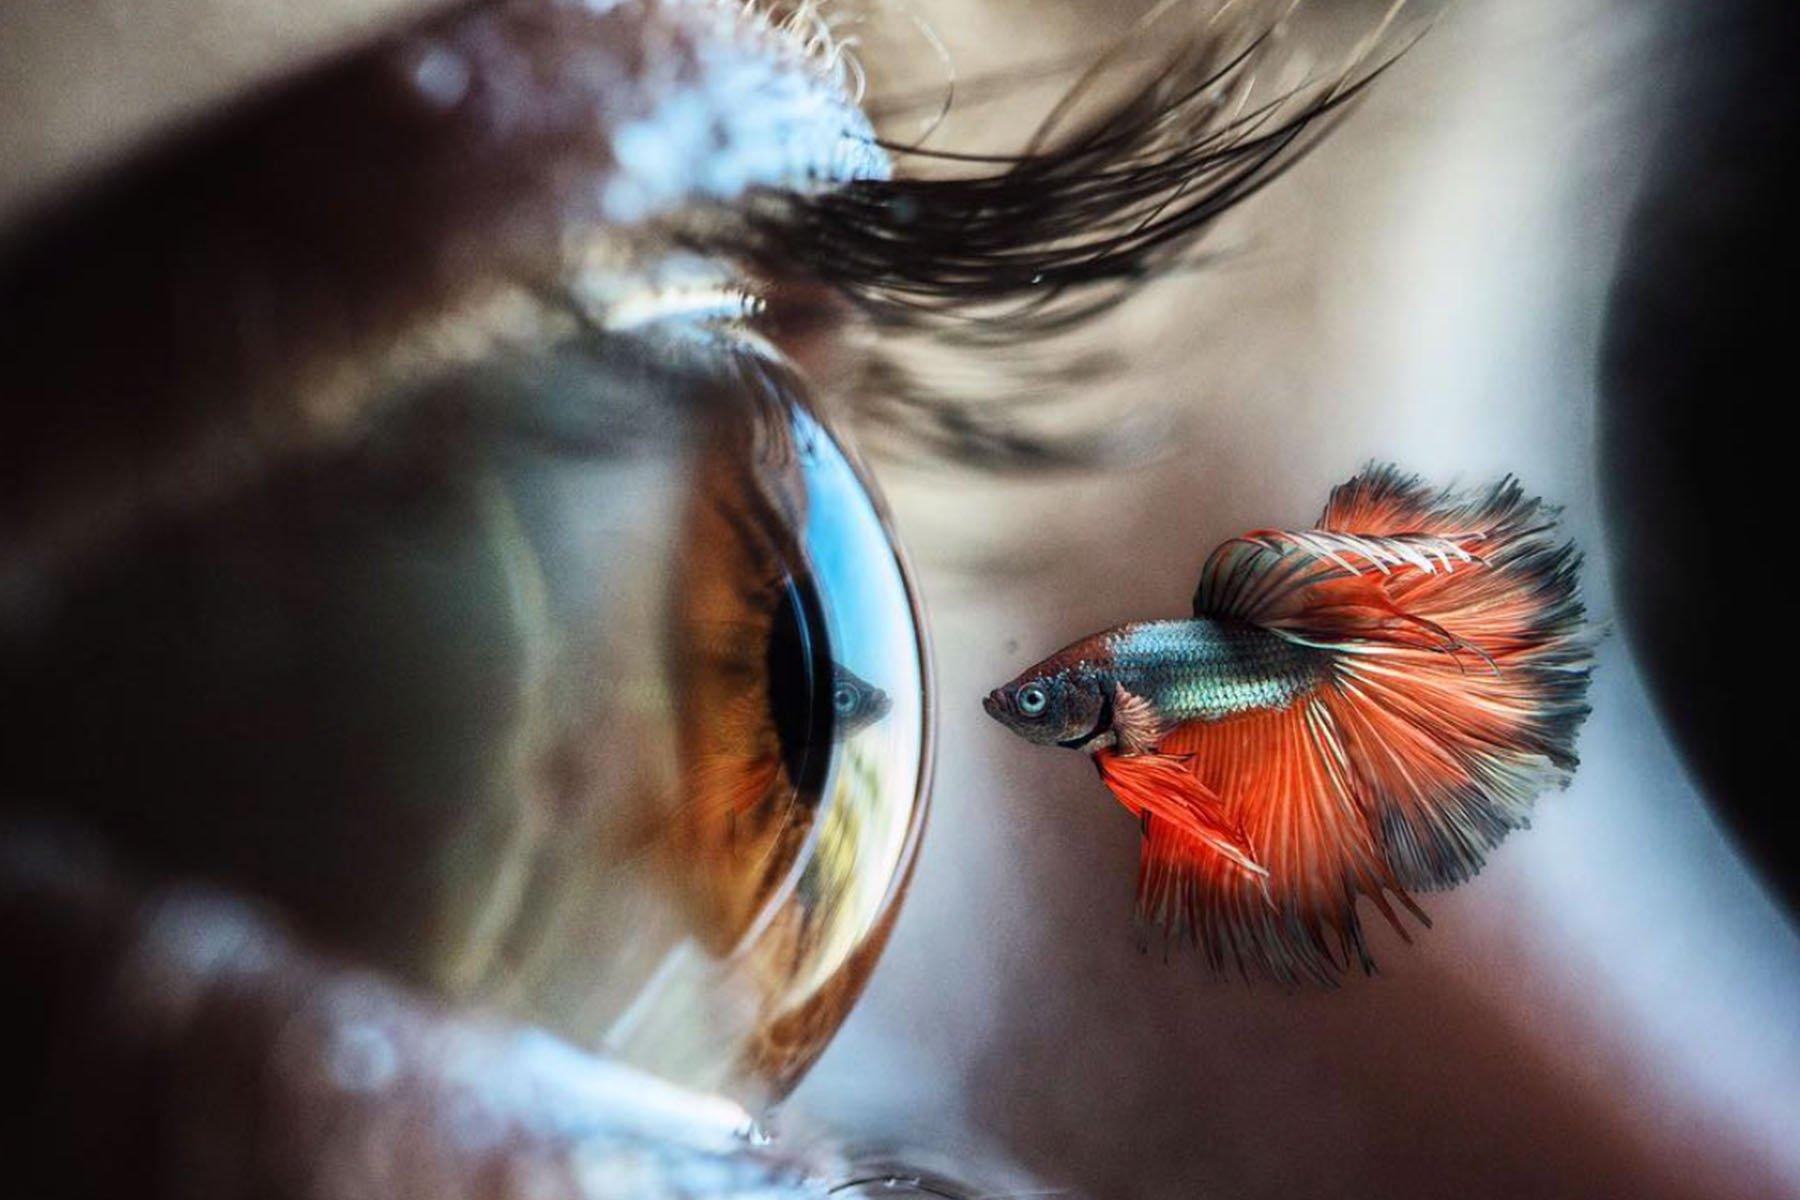 fish eye vision